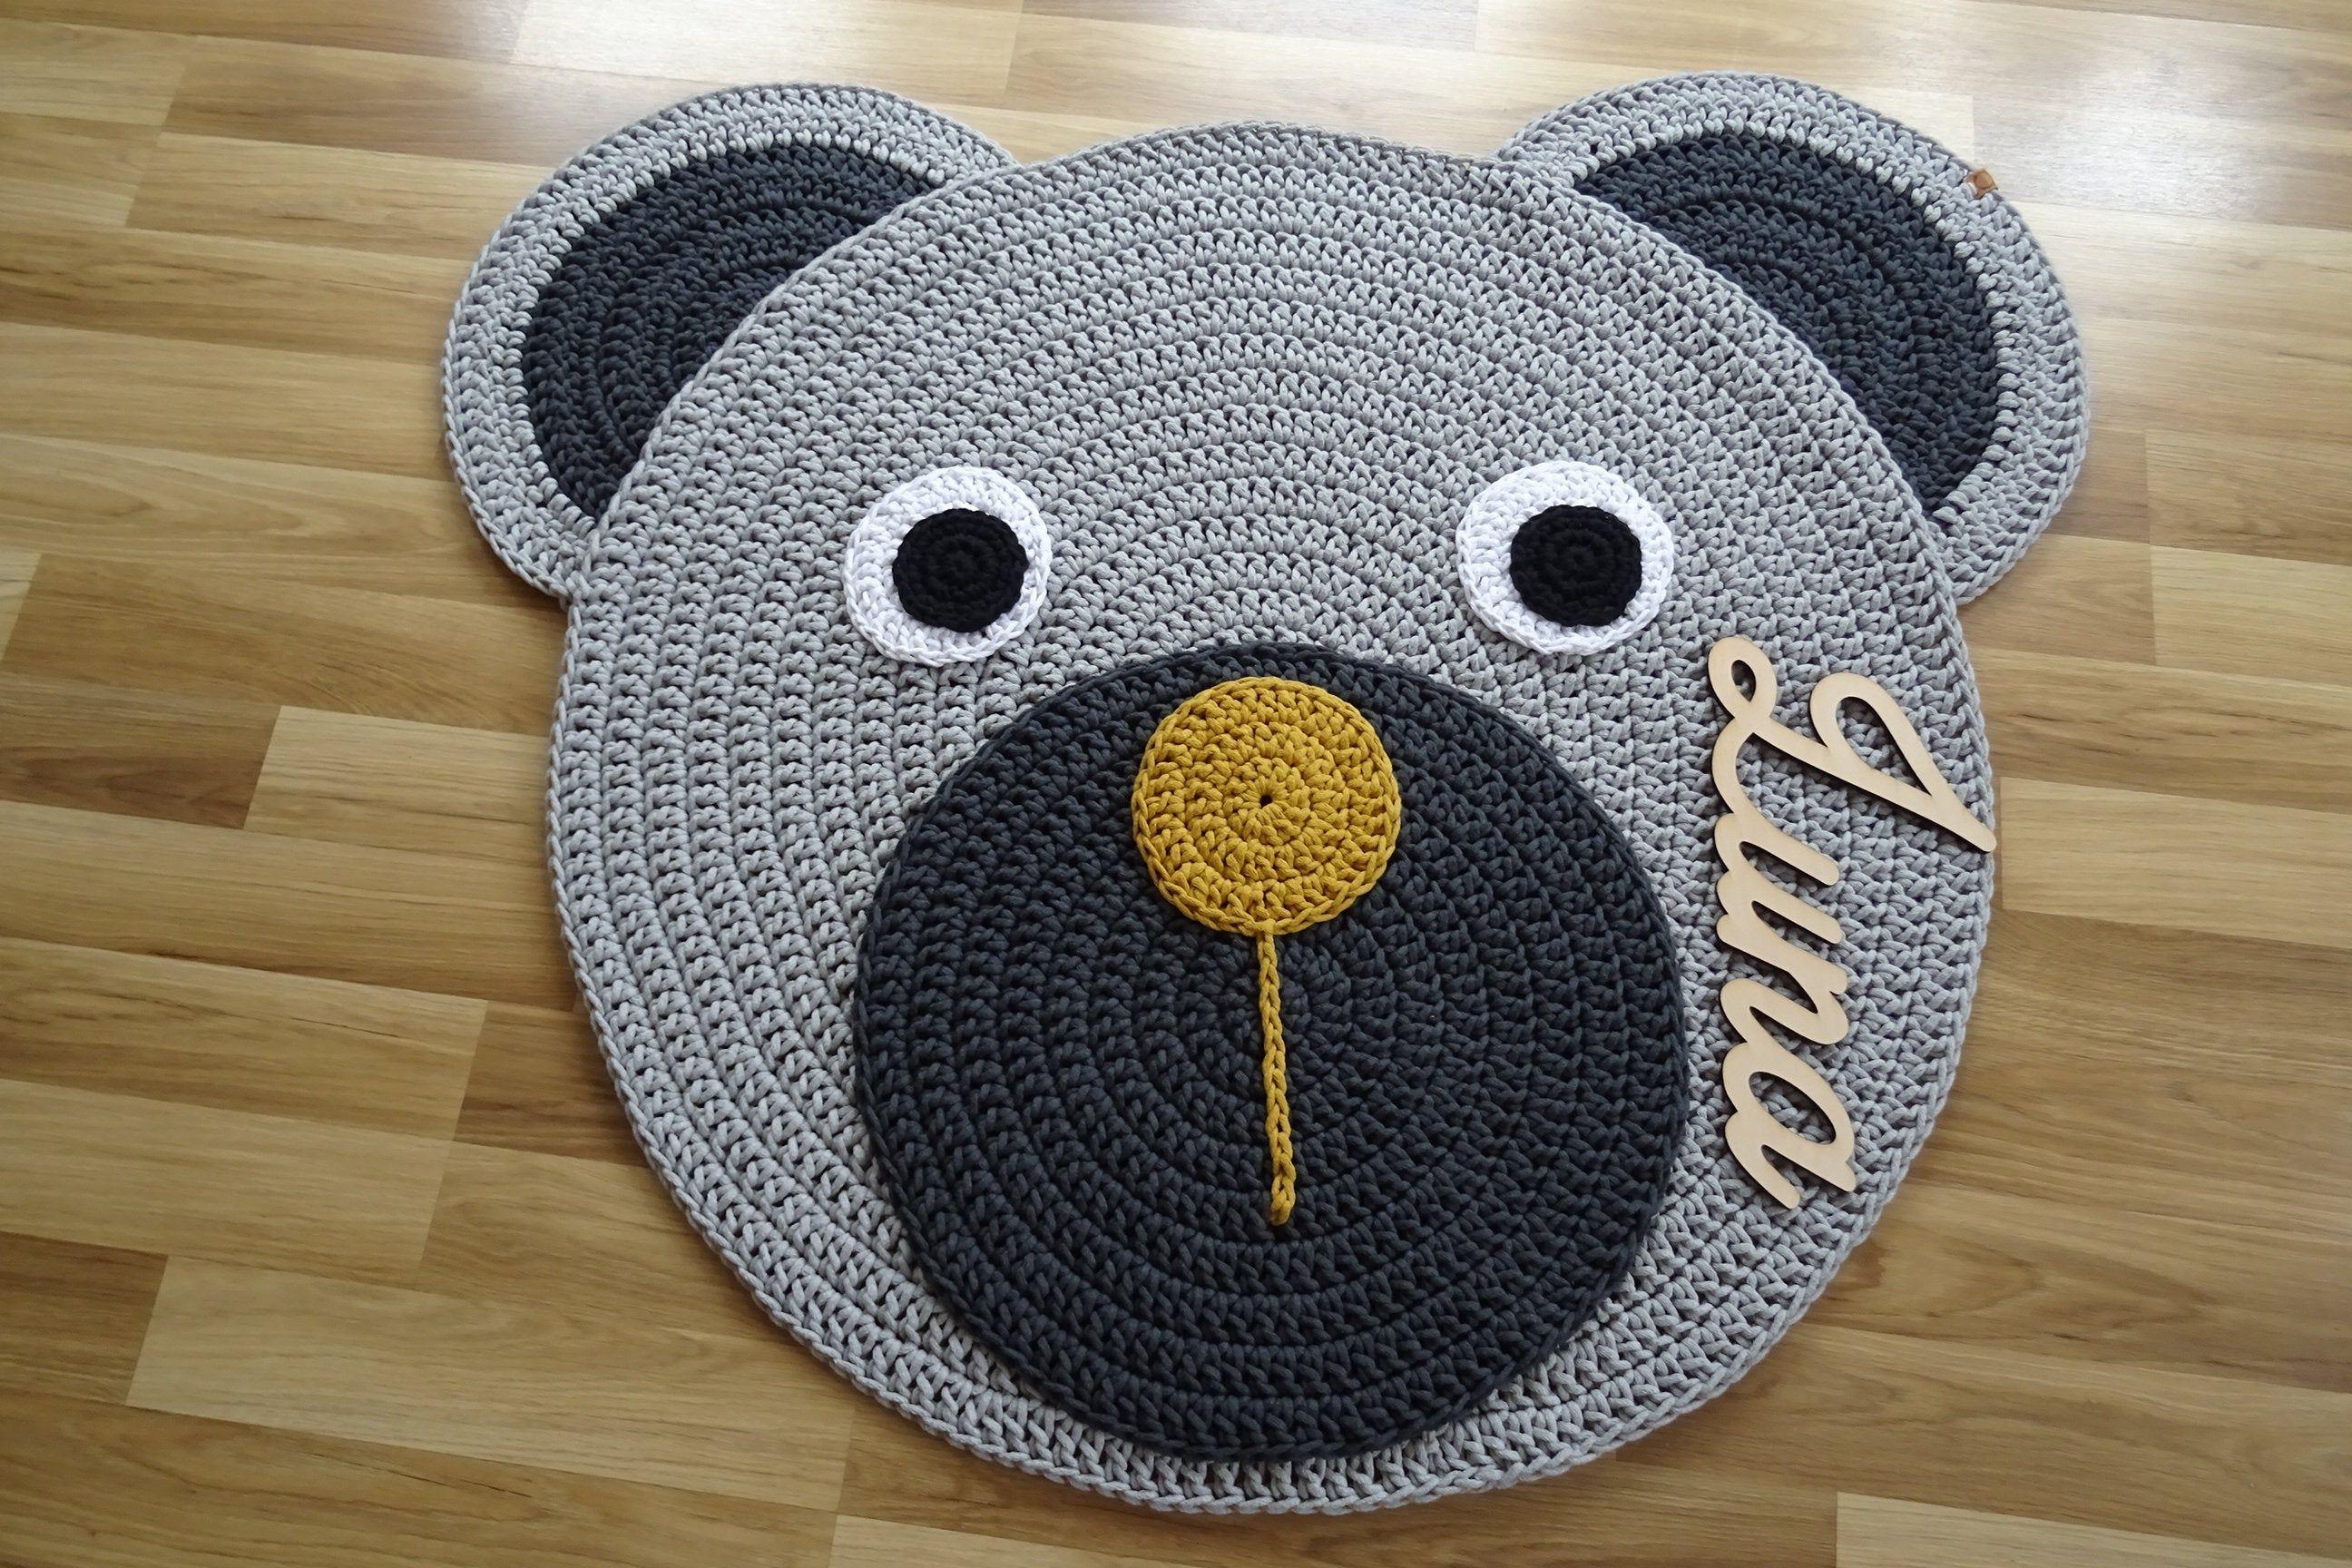 Crochet Baby Elephant Rug Crochet Elephant Baby Rugs Animal Rug